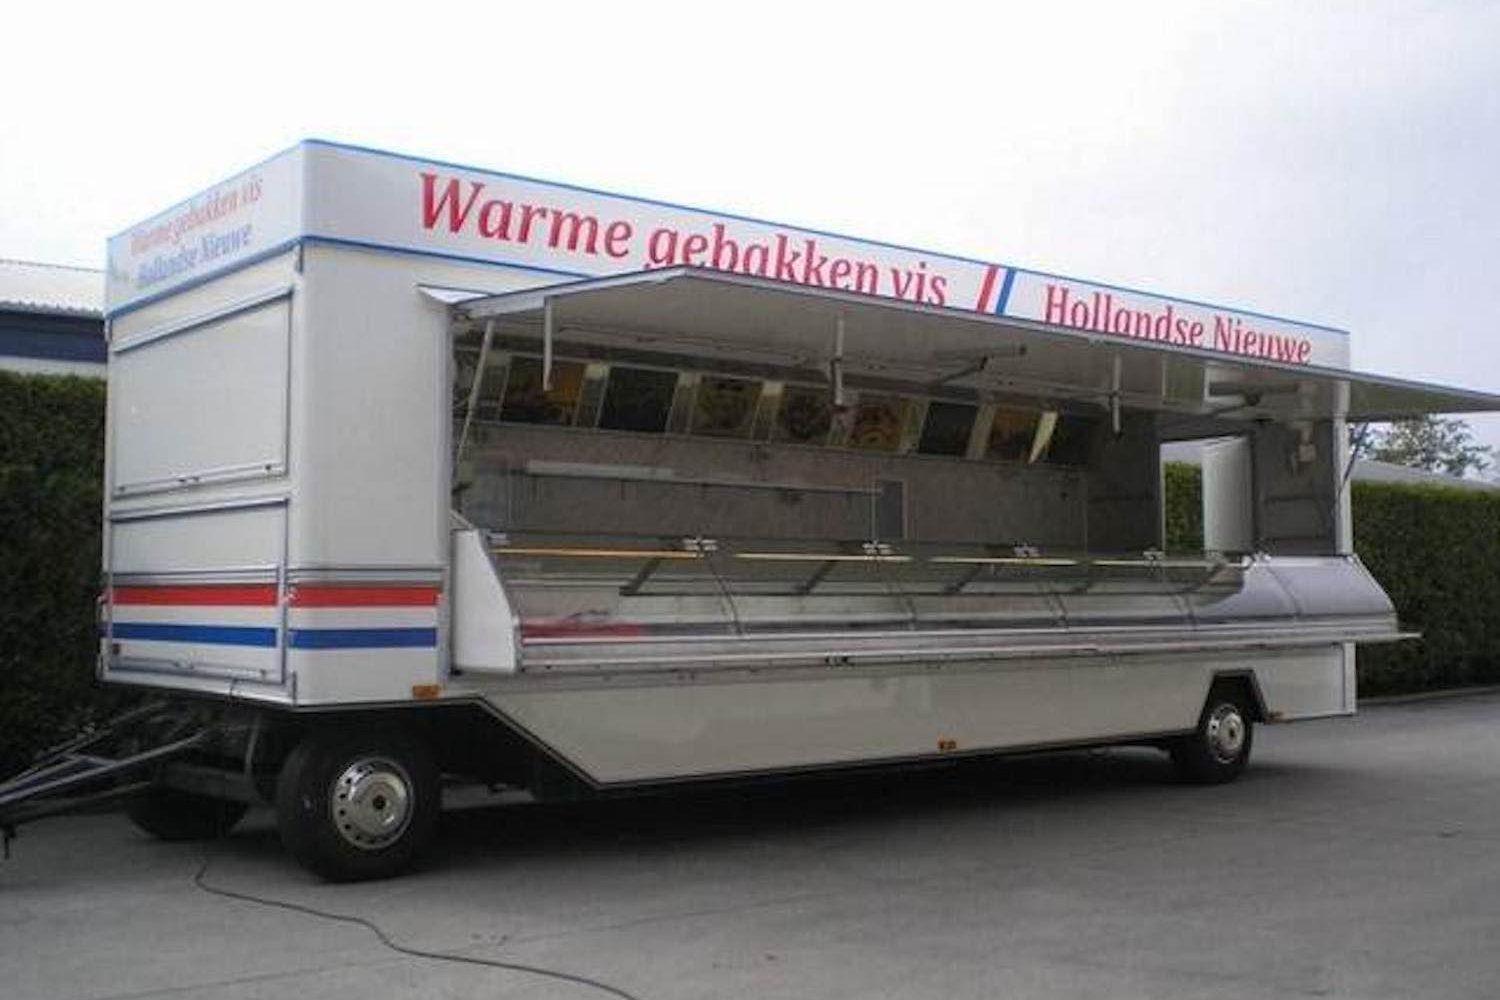 Huurwagen 11